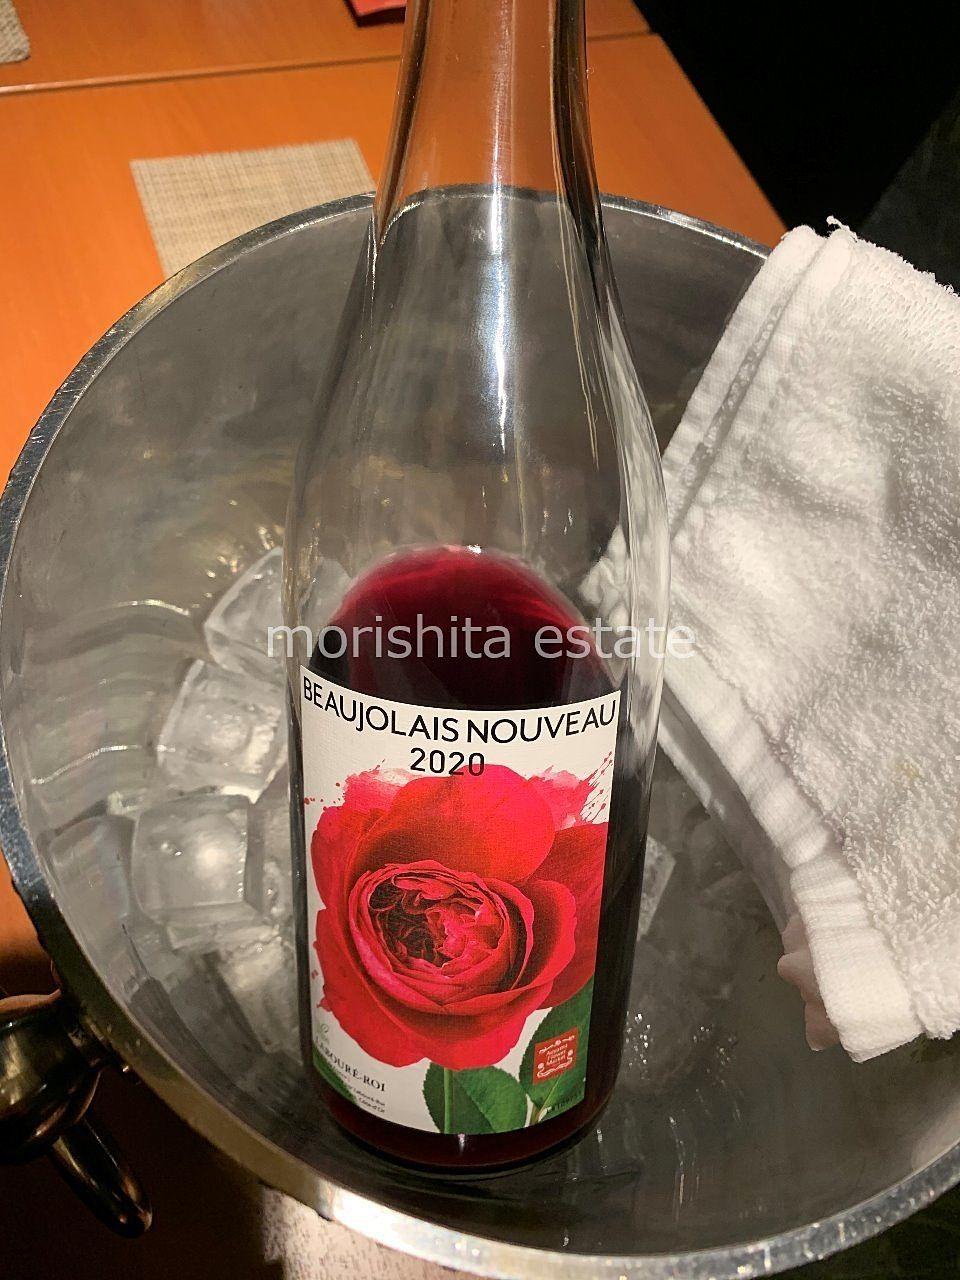 ボジョレーヌーボー 2020 赤ワイン 売り切れ 写真